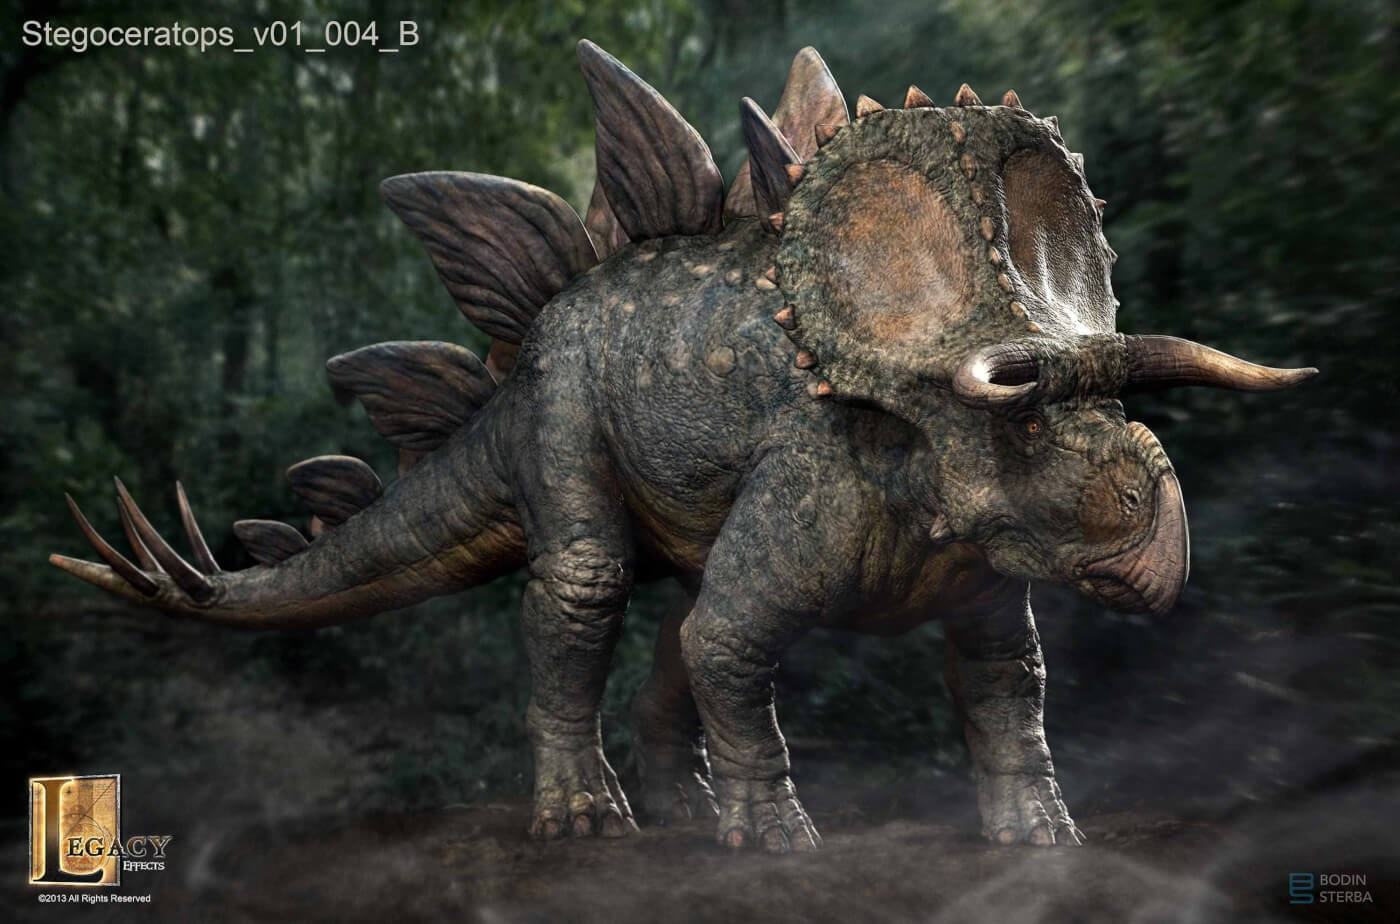 Archivo:Stegoceratops v01 004 B.jpg